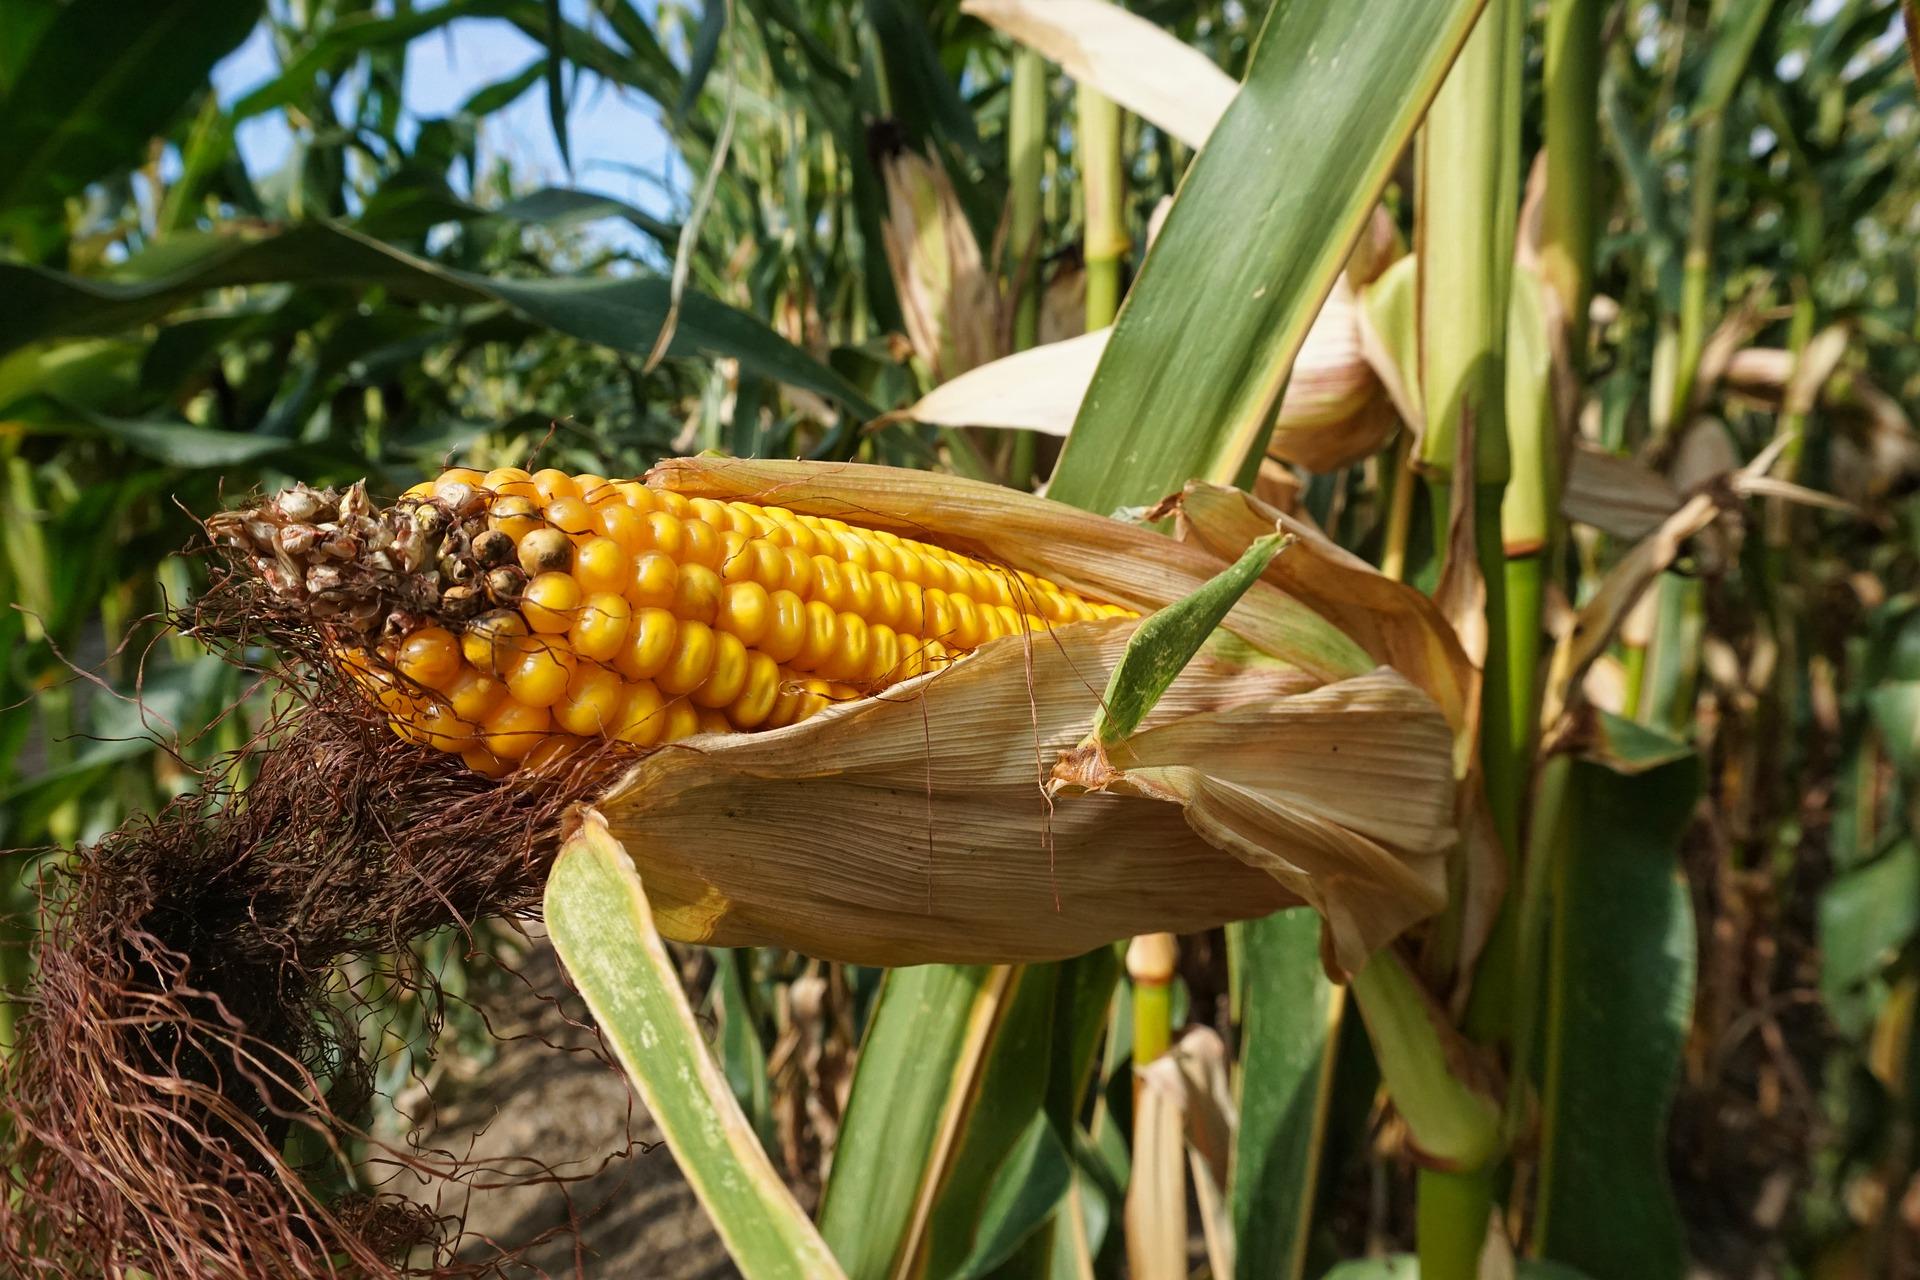 Maize: Kharif season